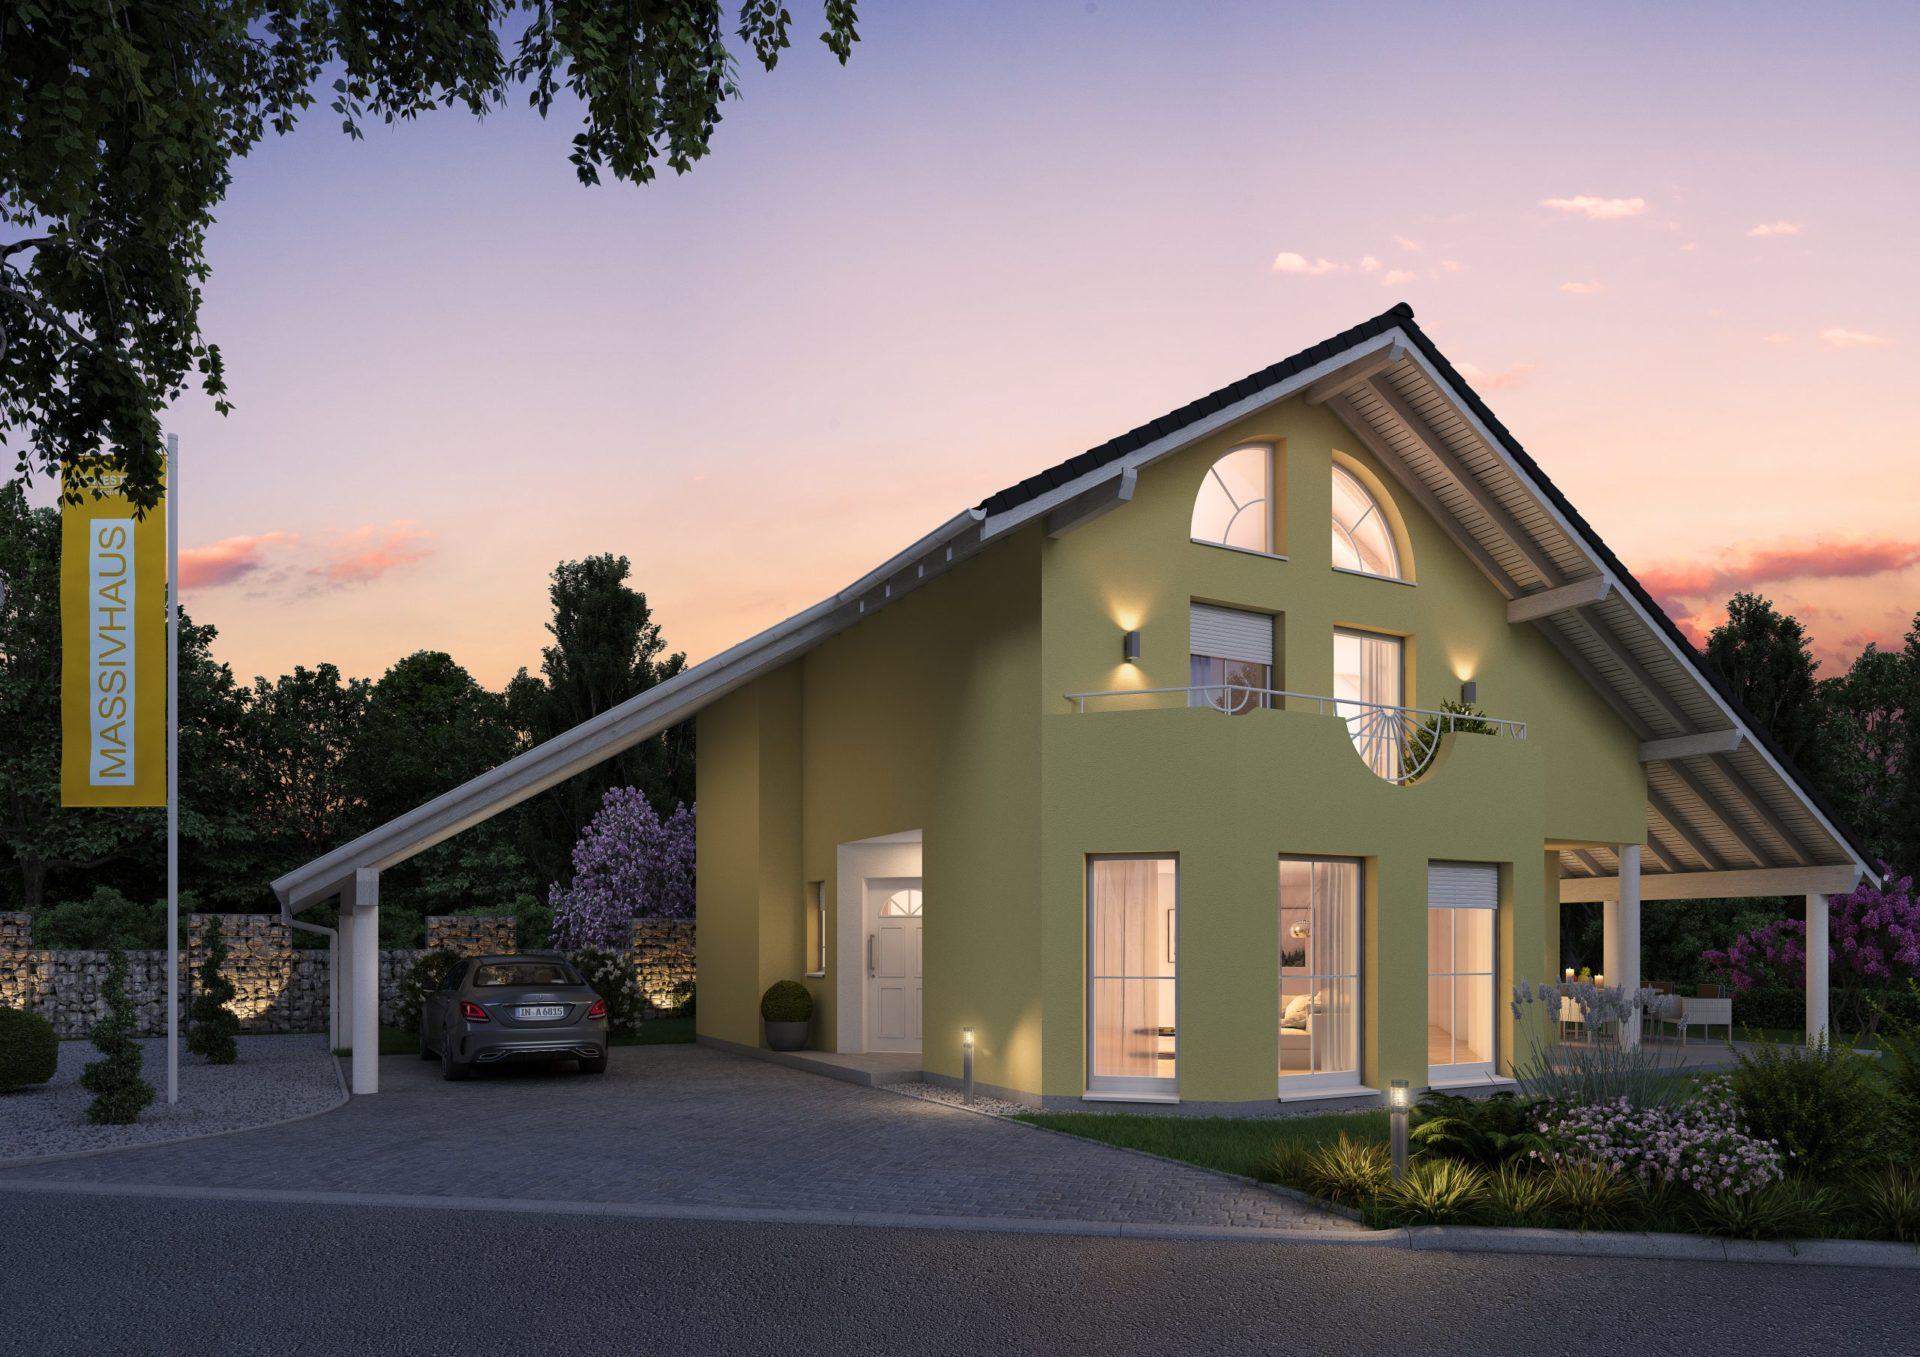 Musterhaus Mülheim-Kärlich, 135 qm